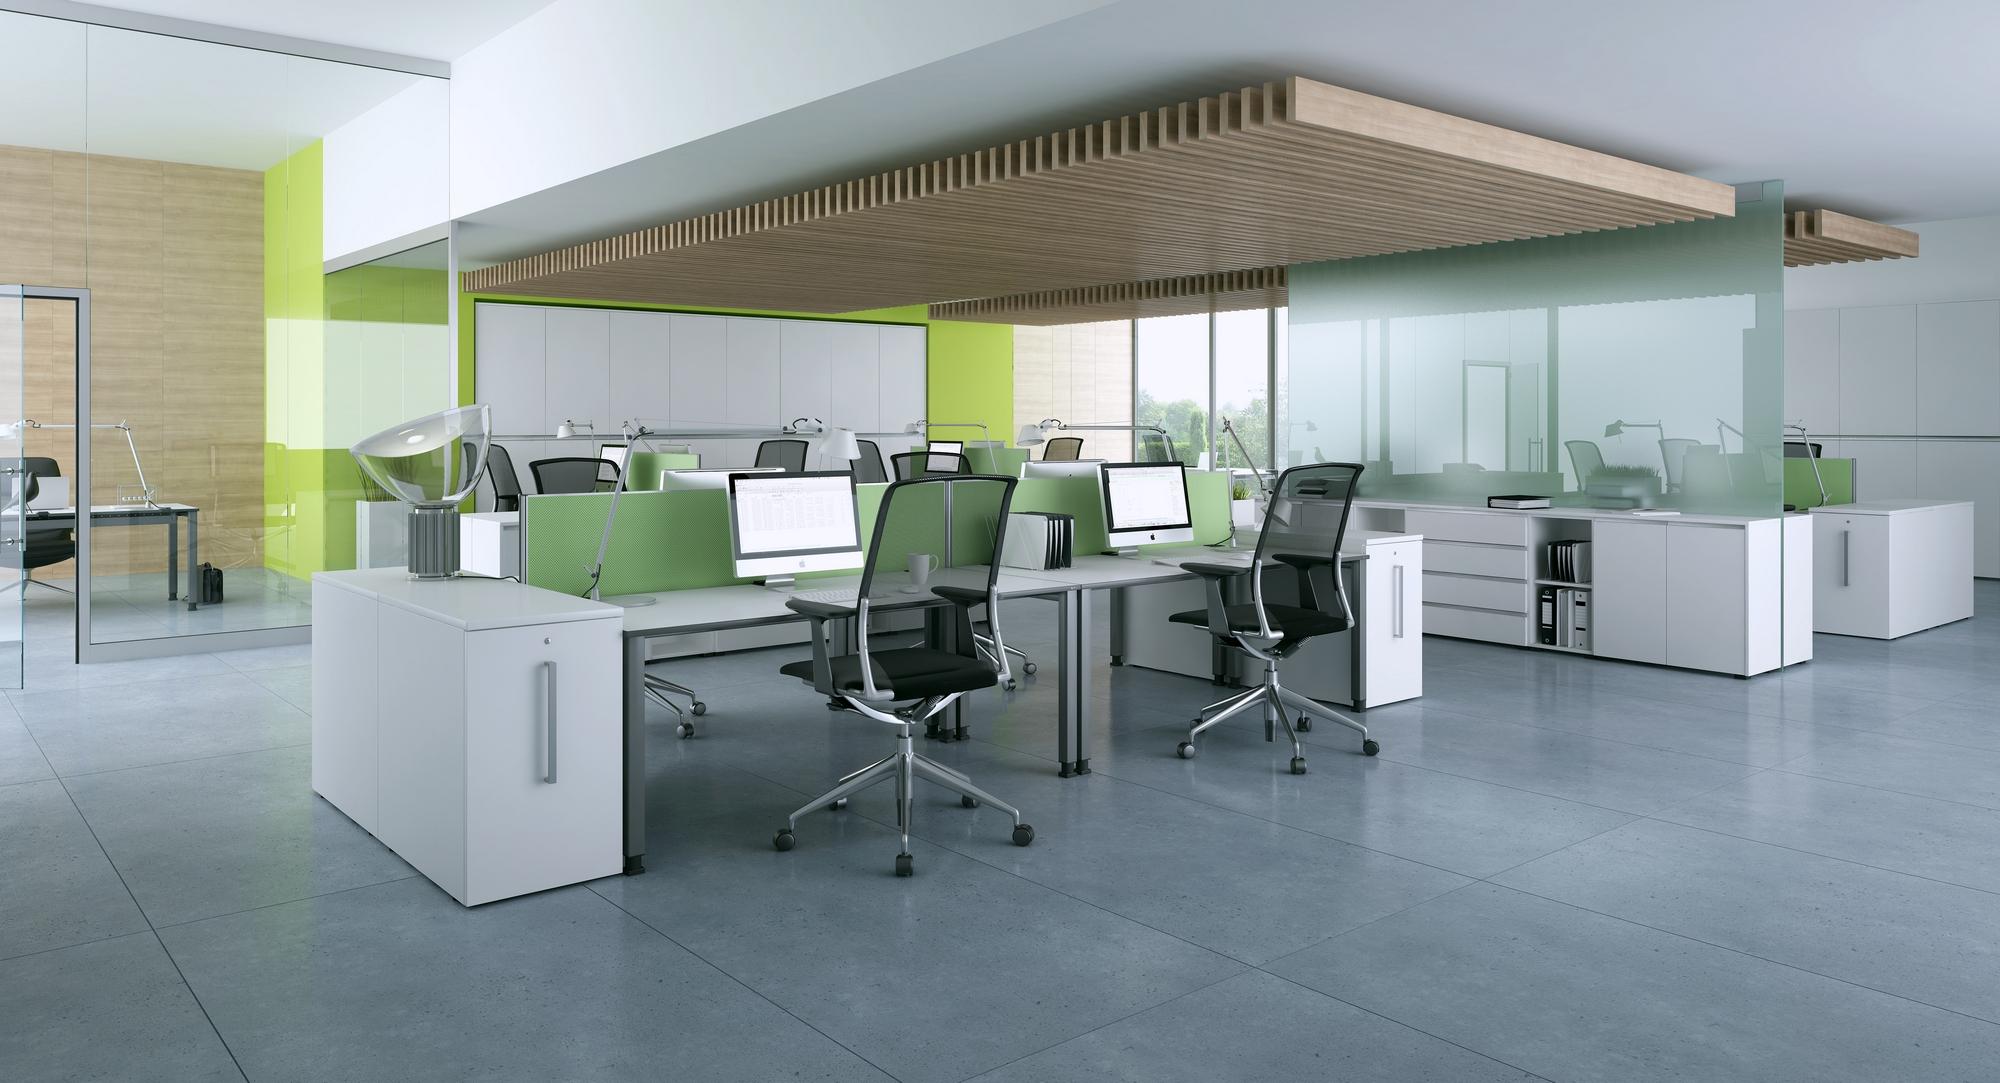 OKA Großraumbüro Tische Arbeitsplatz Schreibtisch